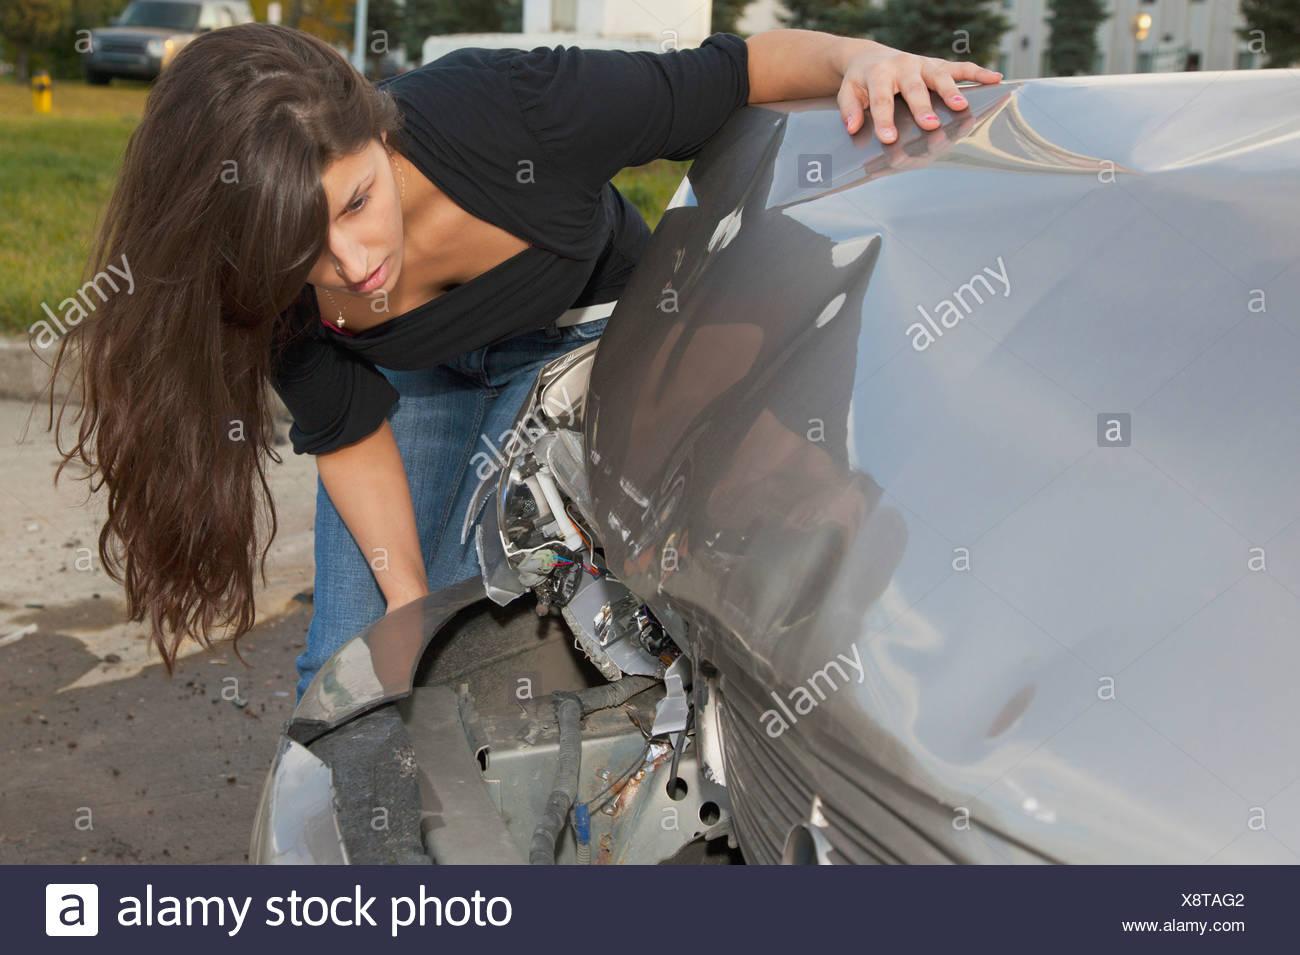 Junge Frau mit Fahrzeug, das bei einer Kollision gewesen ist; Edmonton, Alberta, Kanada Stockbild